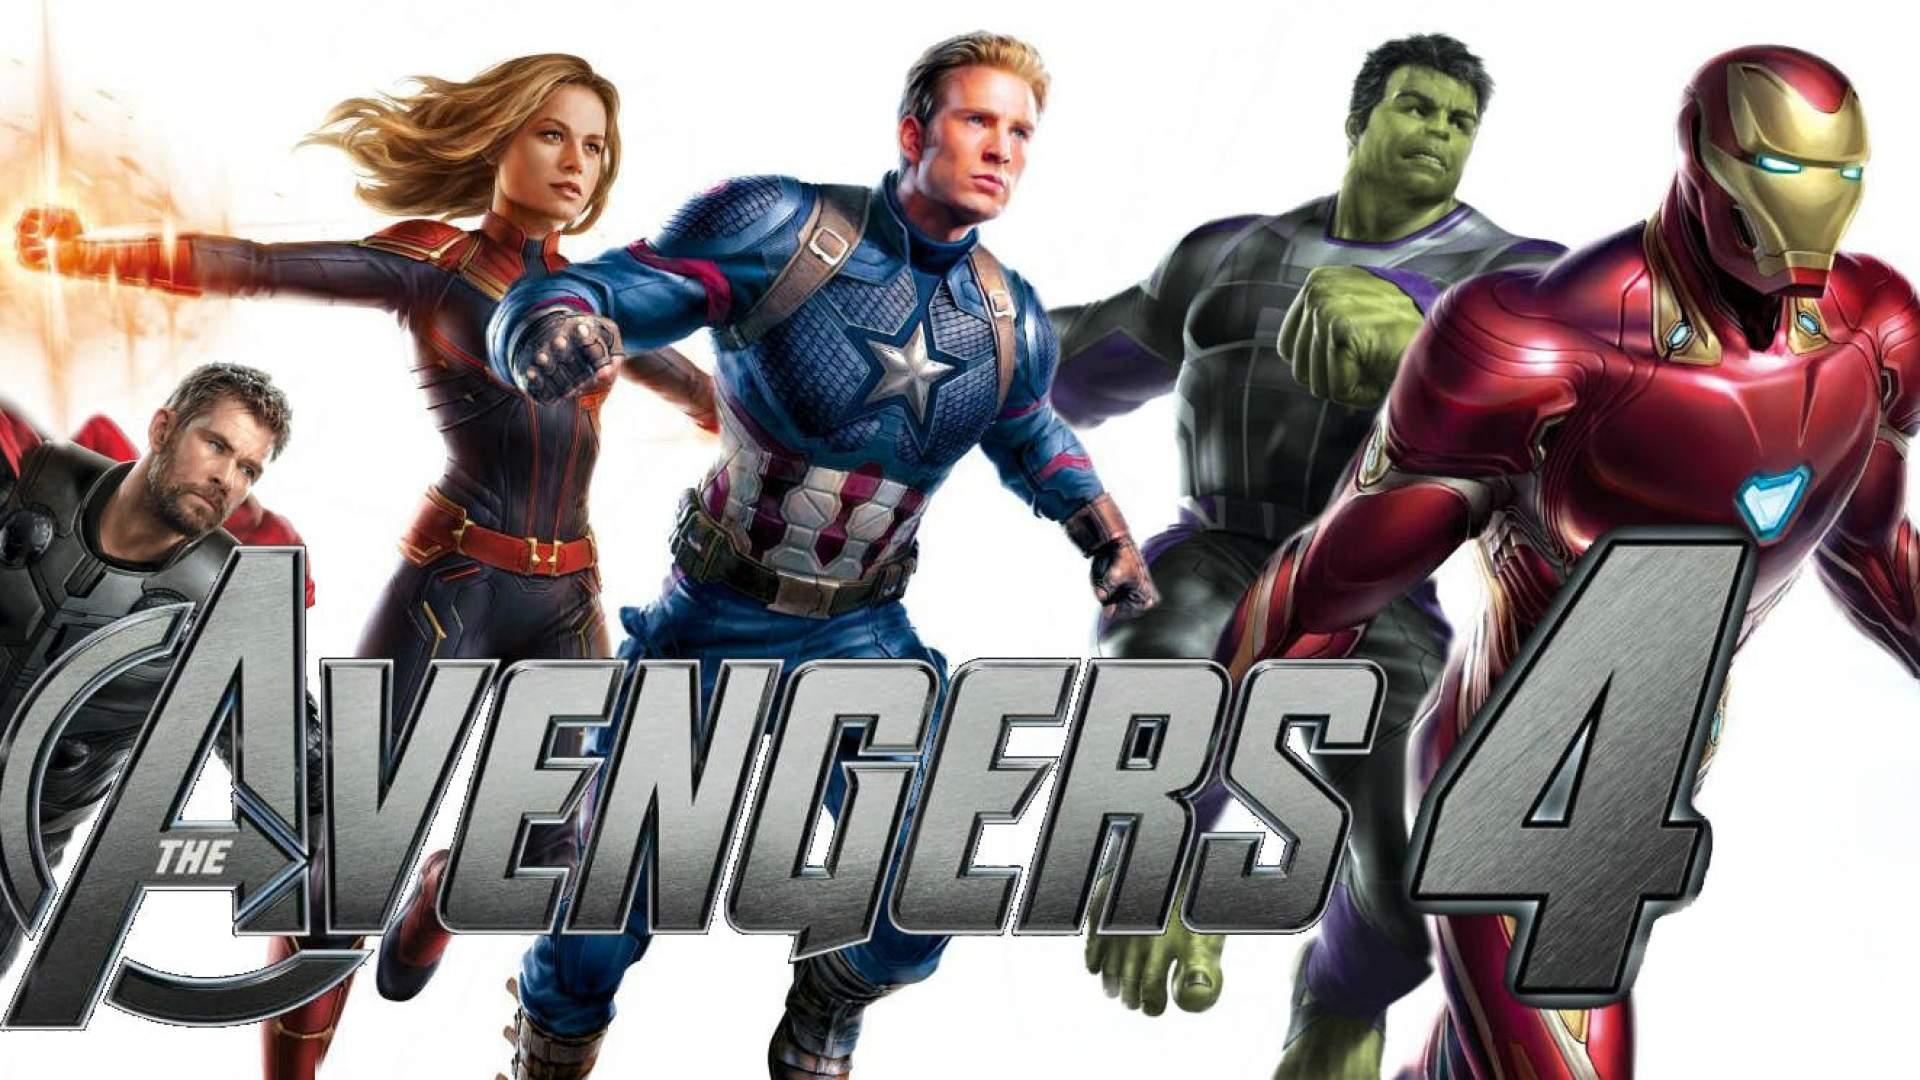 avengers 4: captain america könnte zur frau werden | trailerseite